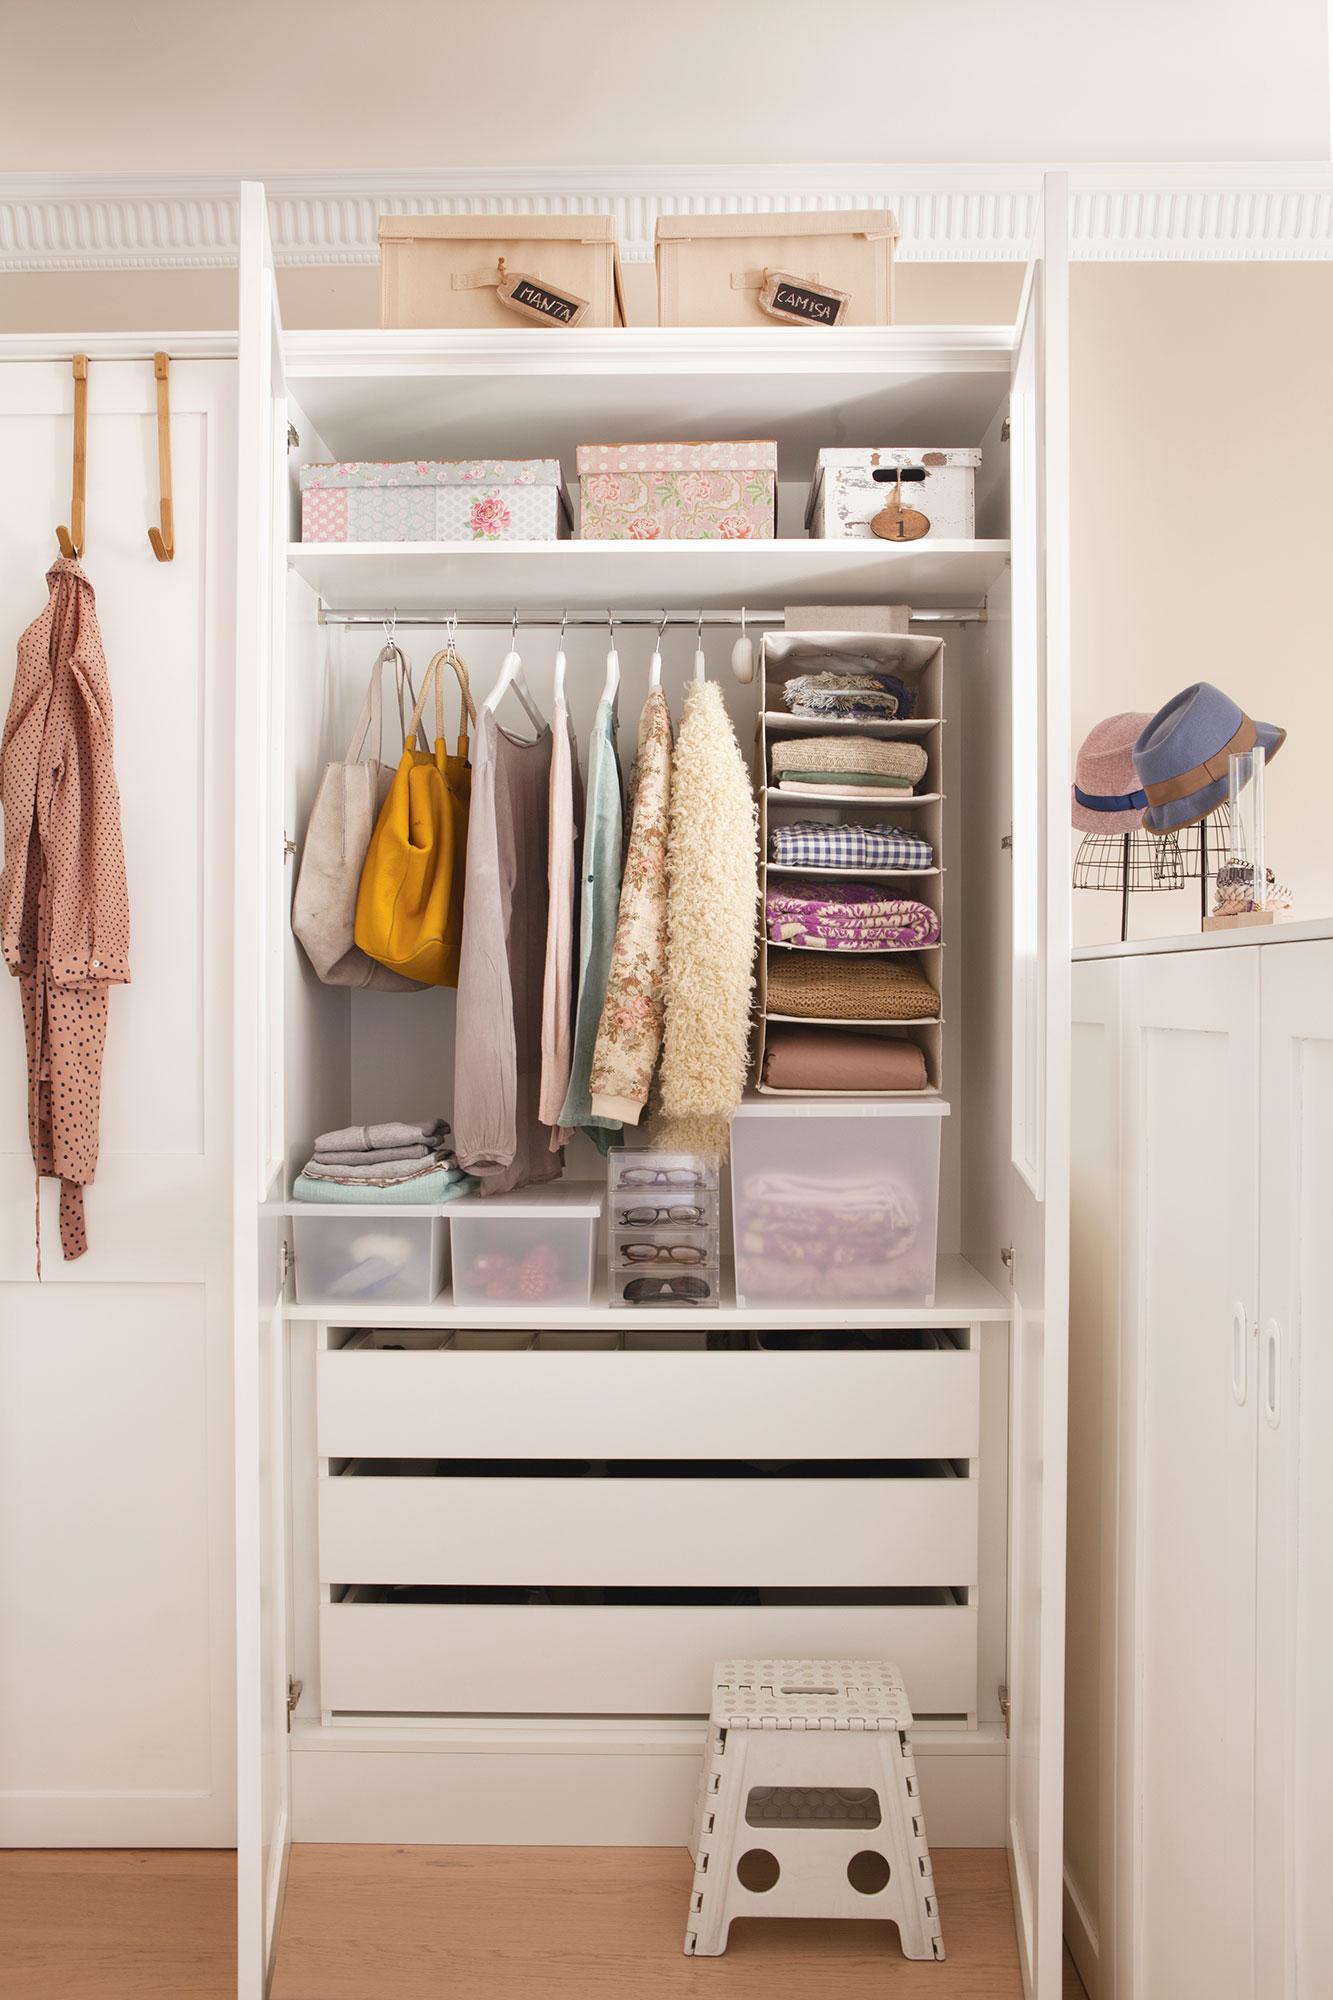 Claves del orden ideas y trucos para ganar espacio for Ideas interior armario